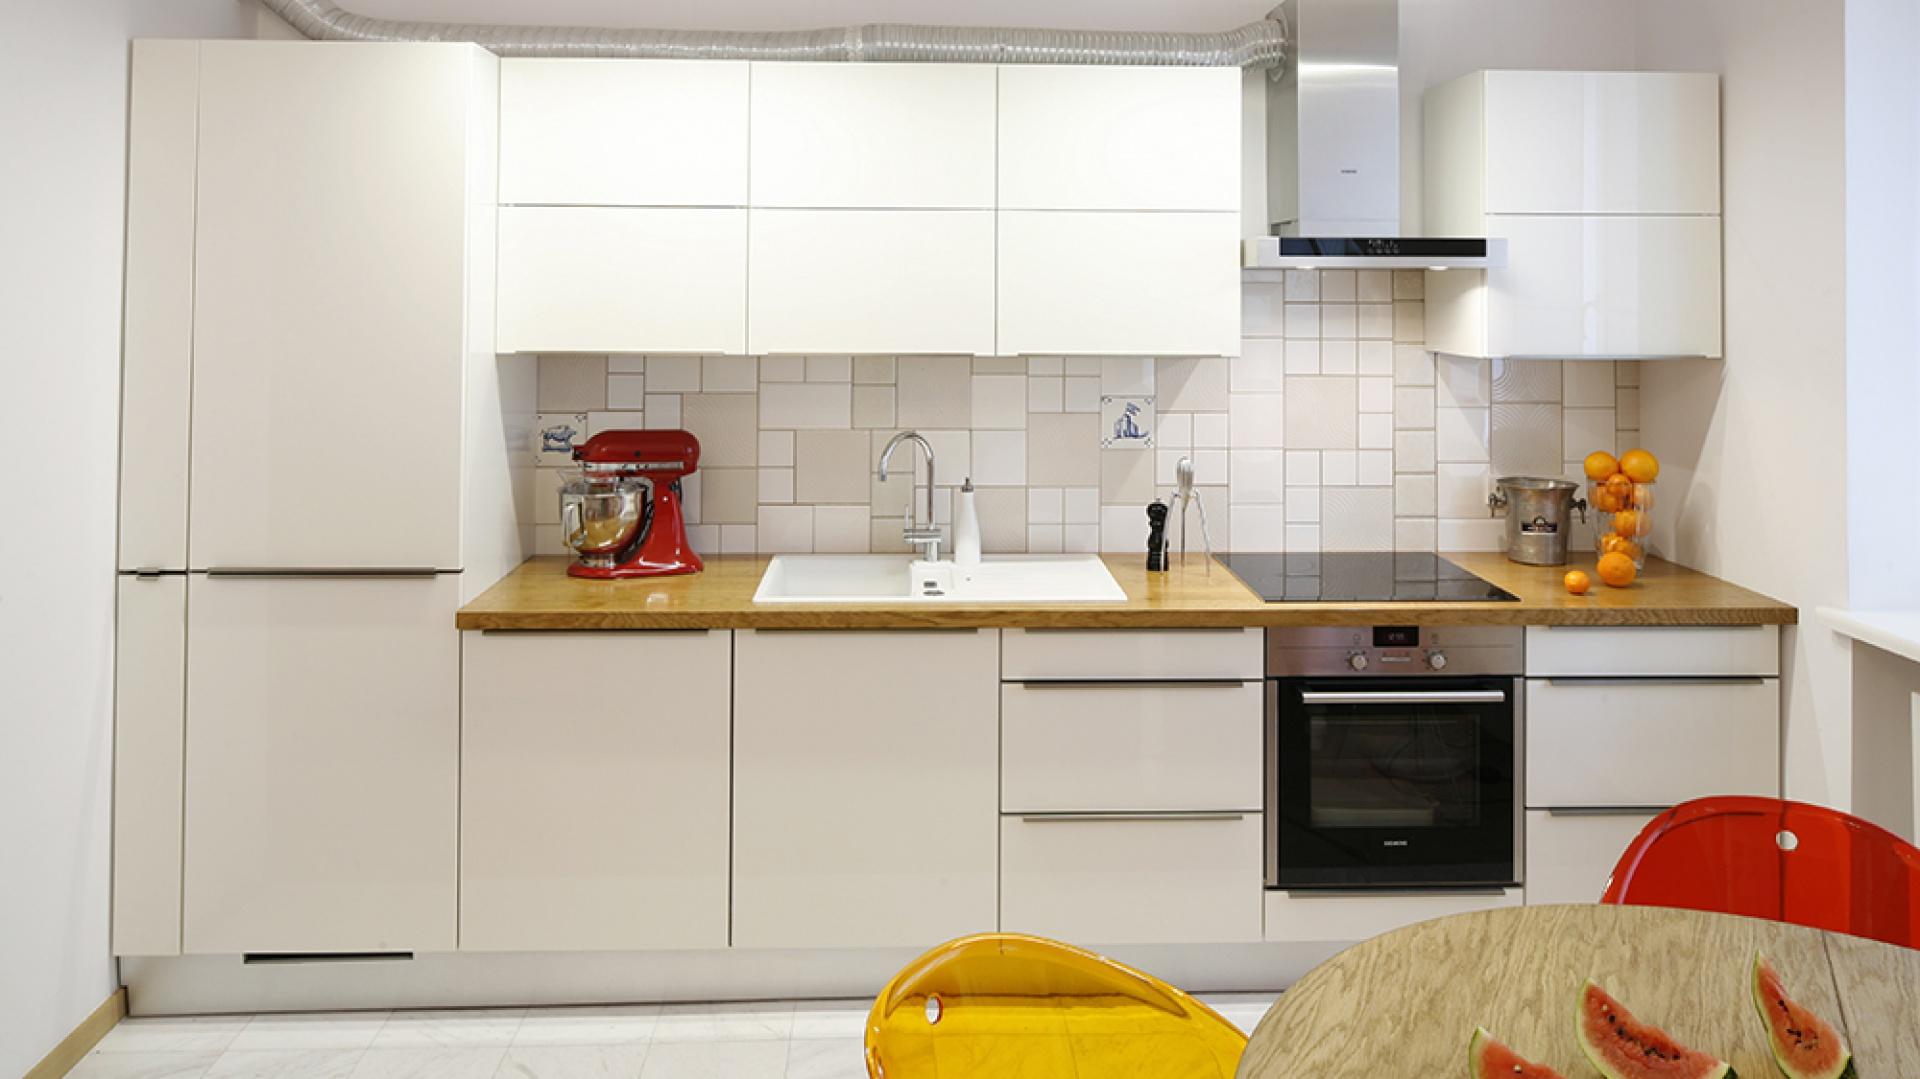 Czystą biel mebli kuchennych przełamuje drewniany blat oraz kaflowe fantazje, układane o 5 rano (!) przez właścicielkę i projektantkę. Fot. Bartosz Jarosz.